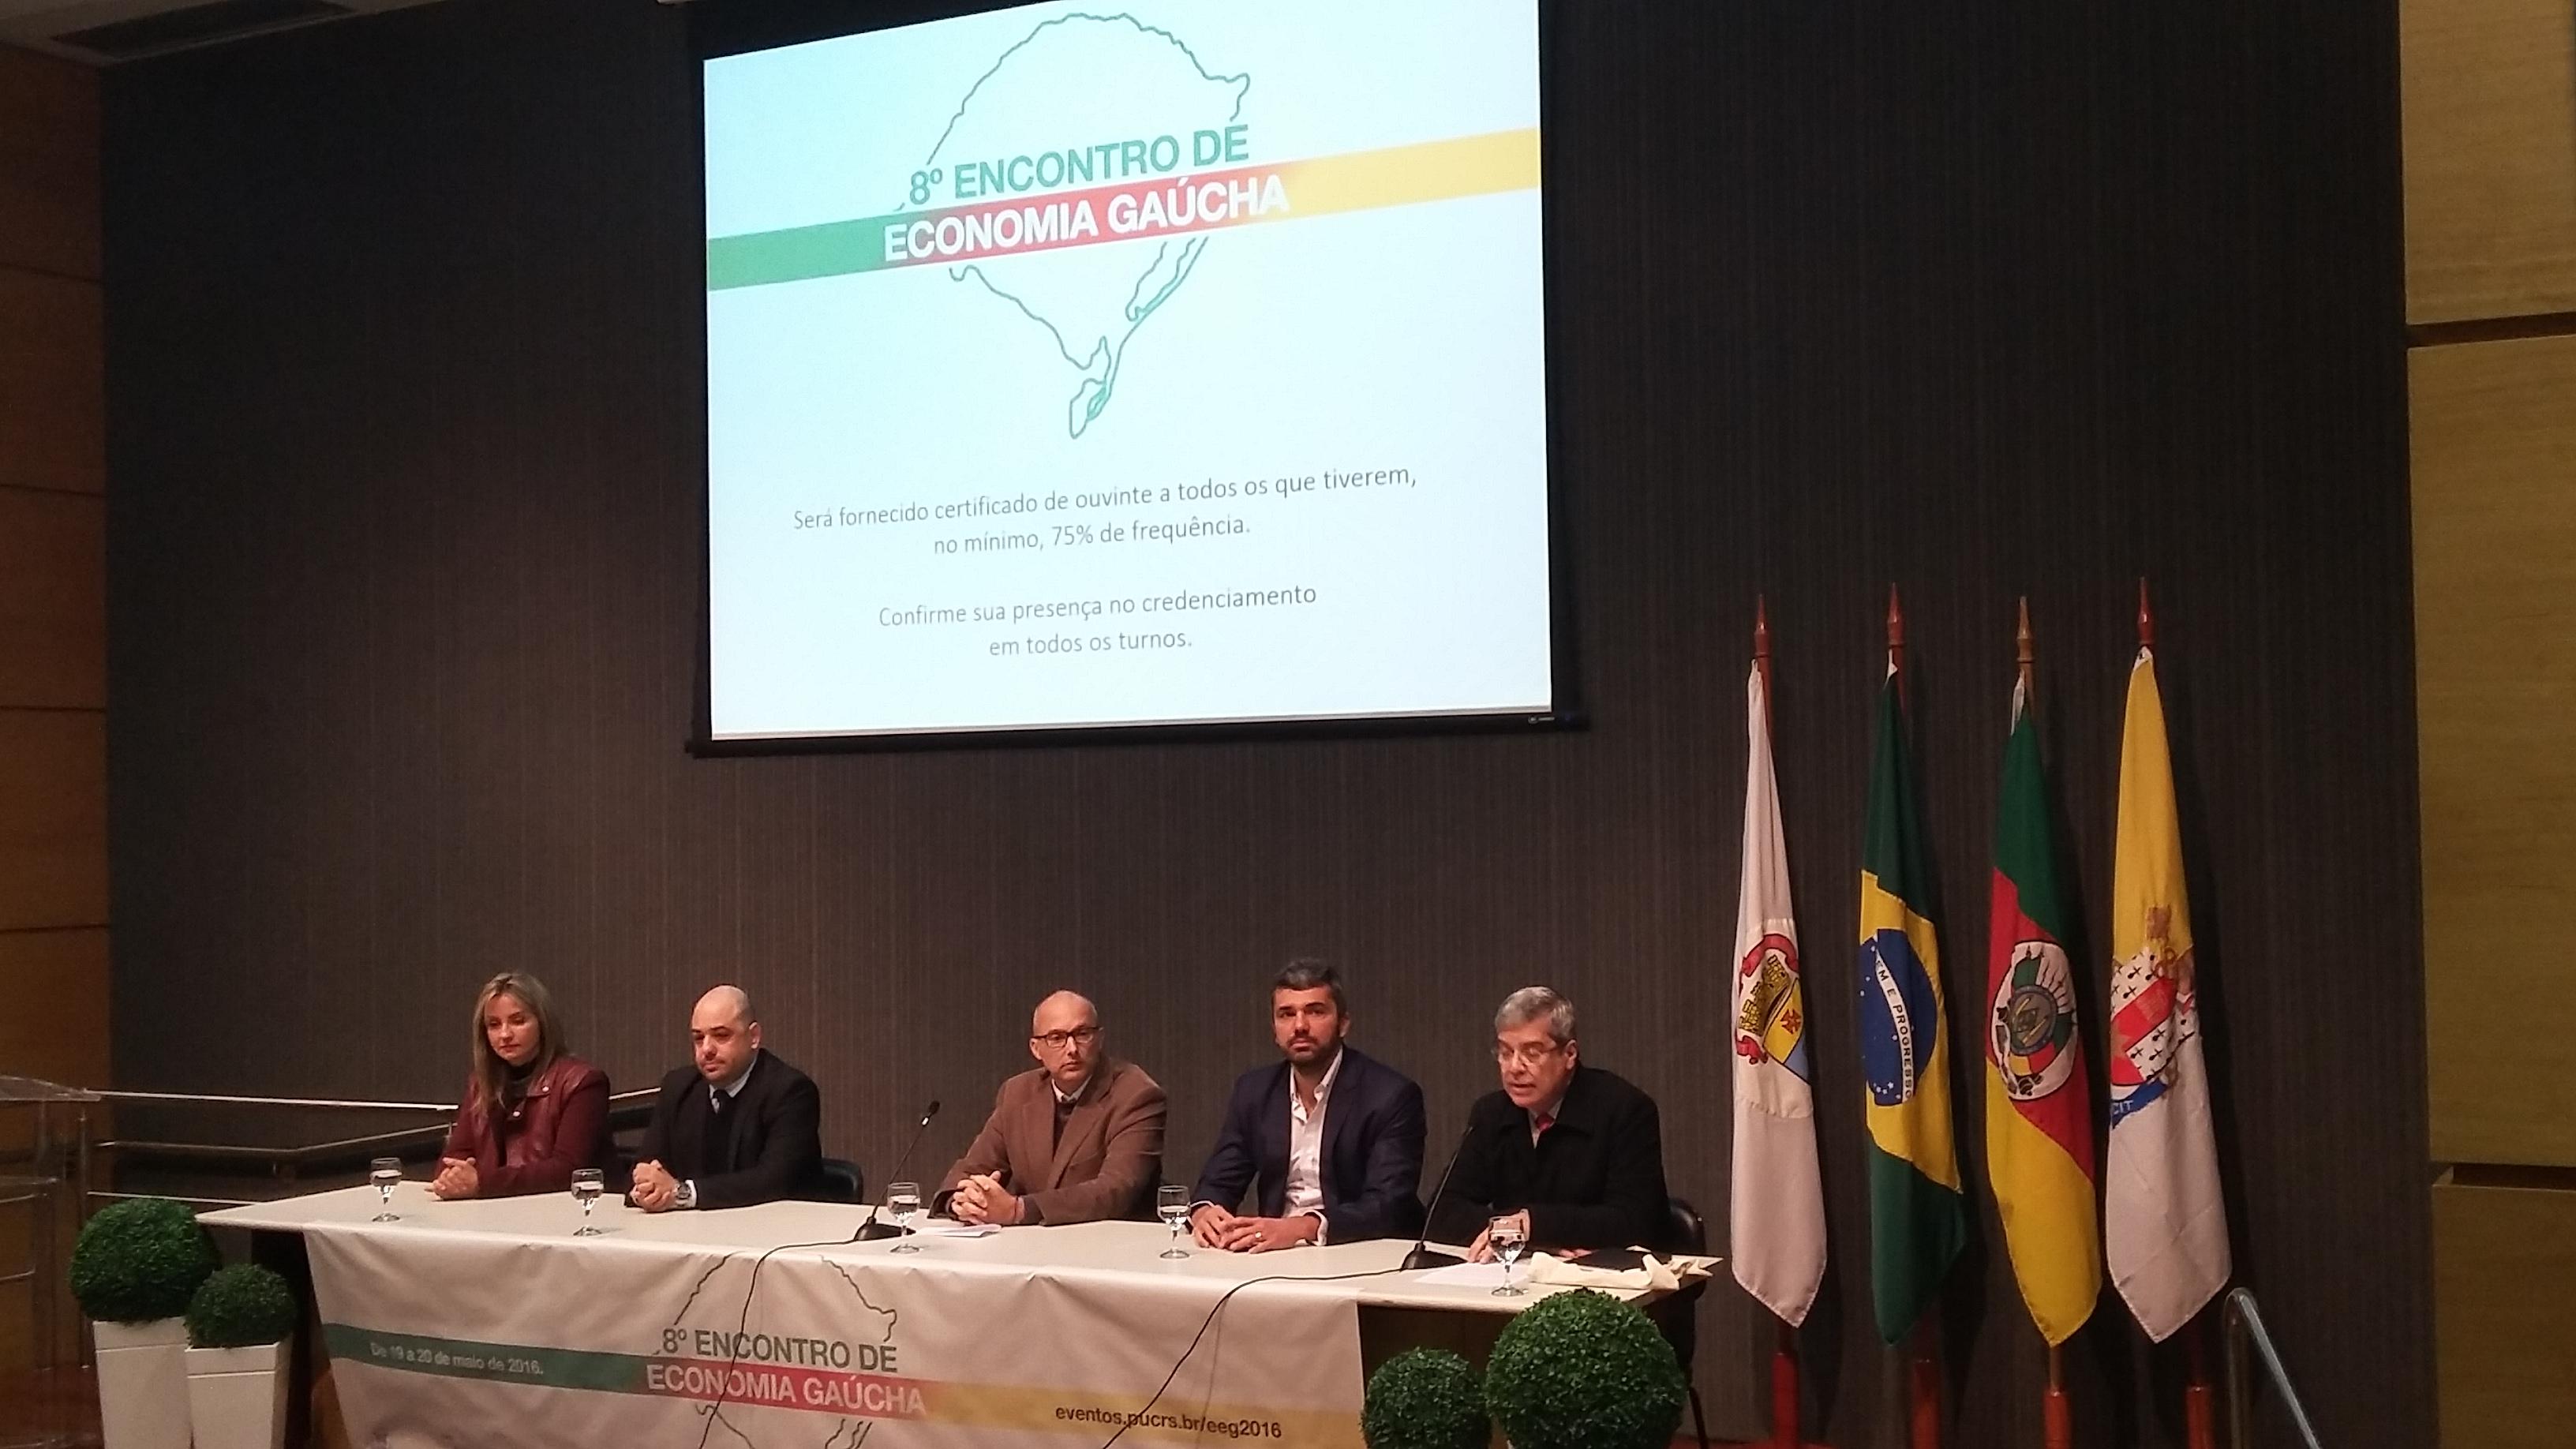 Abertura do 8º Encontro de Economia Gaúcha